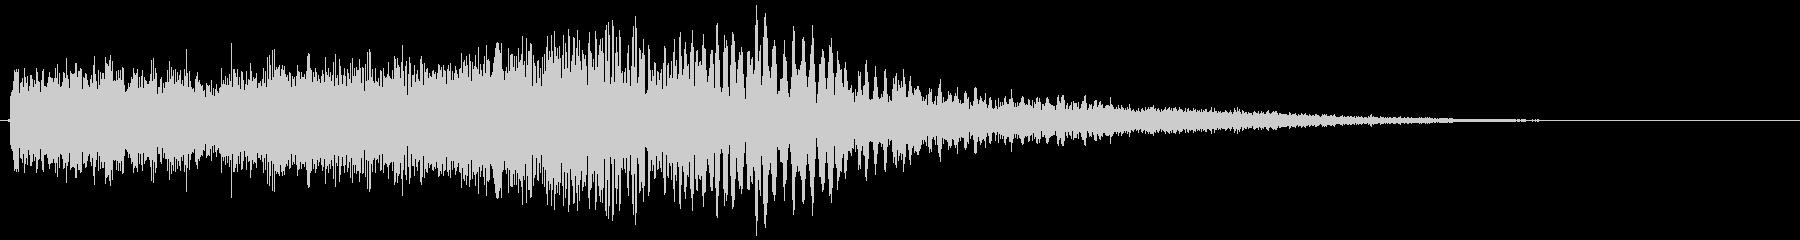 衝撃音 ドーンキラキラの未再生の波形